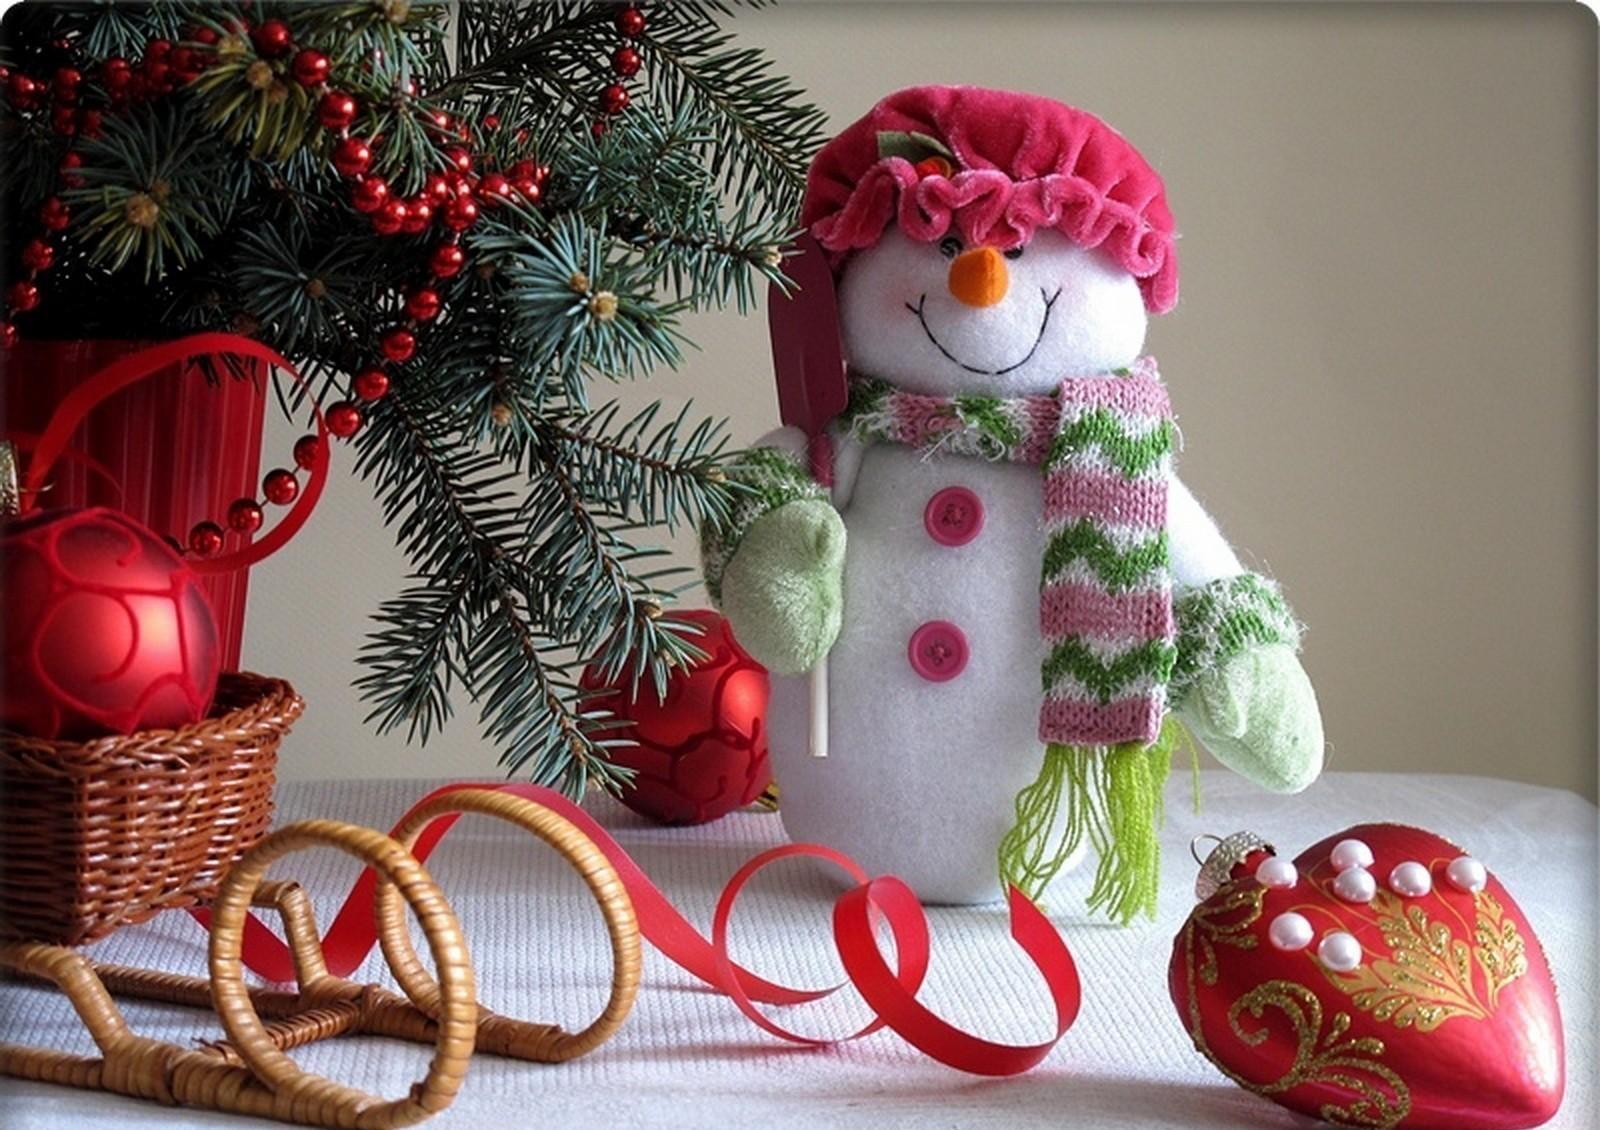 105292 descargar fondo de pantalla Vacaciones, Año Nuevo, Navidad, Monigote De Nieve, Muñeco De Nieve, Sucursales, Ramas, Trineo, Decoraciones De Navidad, Juguetes De Árbol De Navidad: protectores de pantalla e imágenes gratis